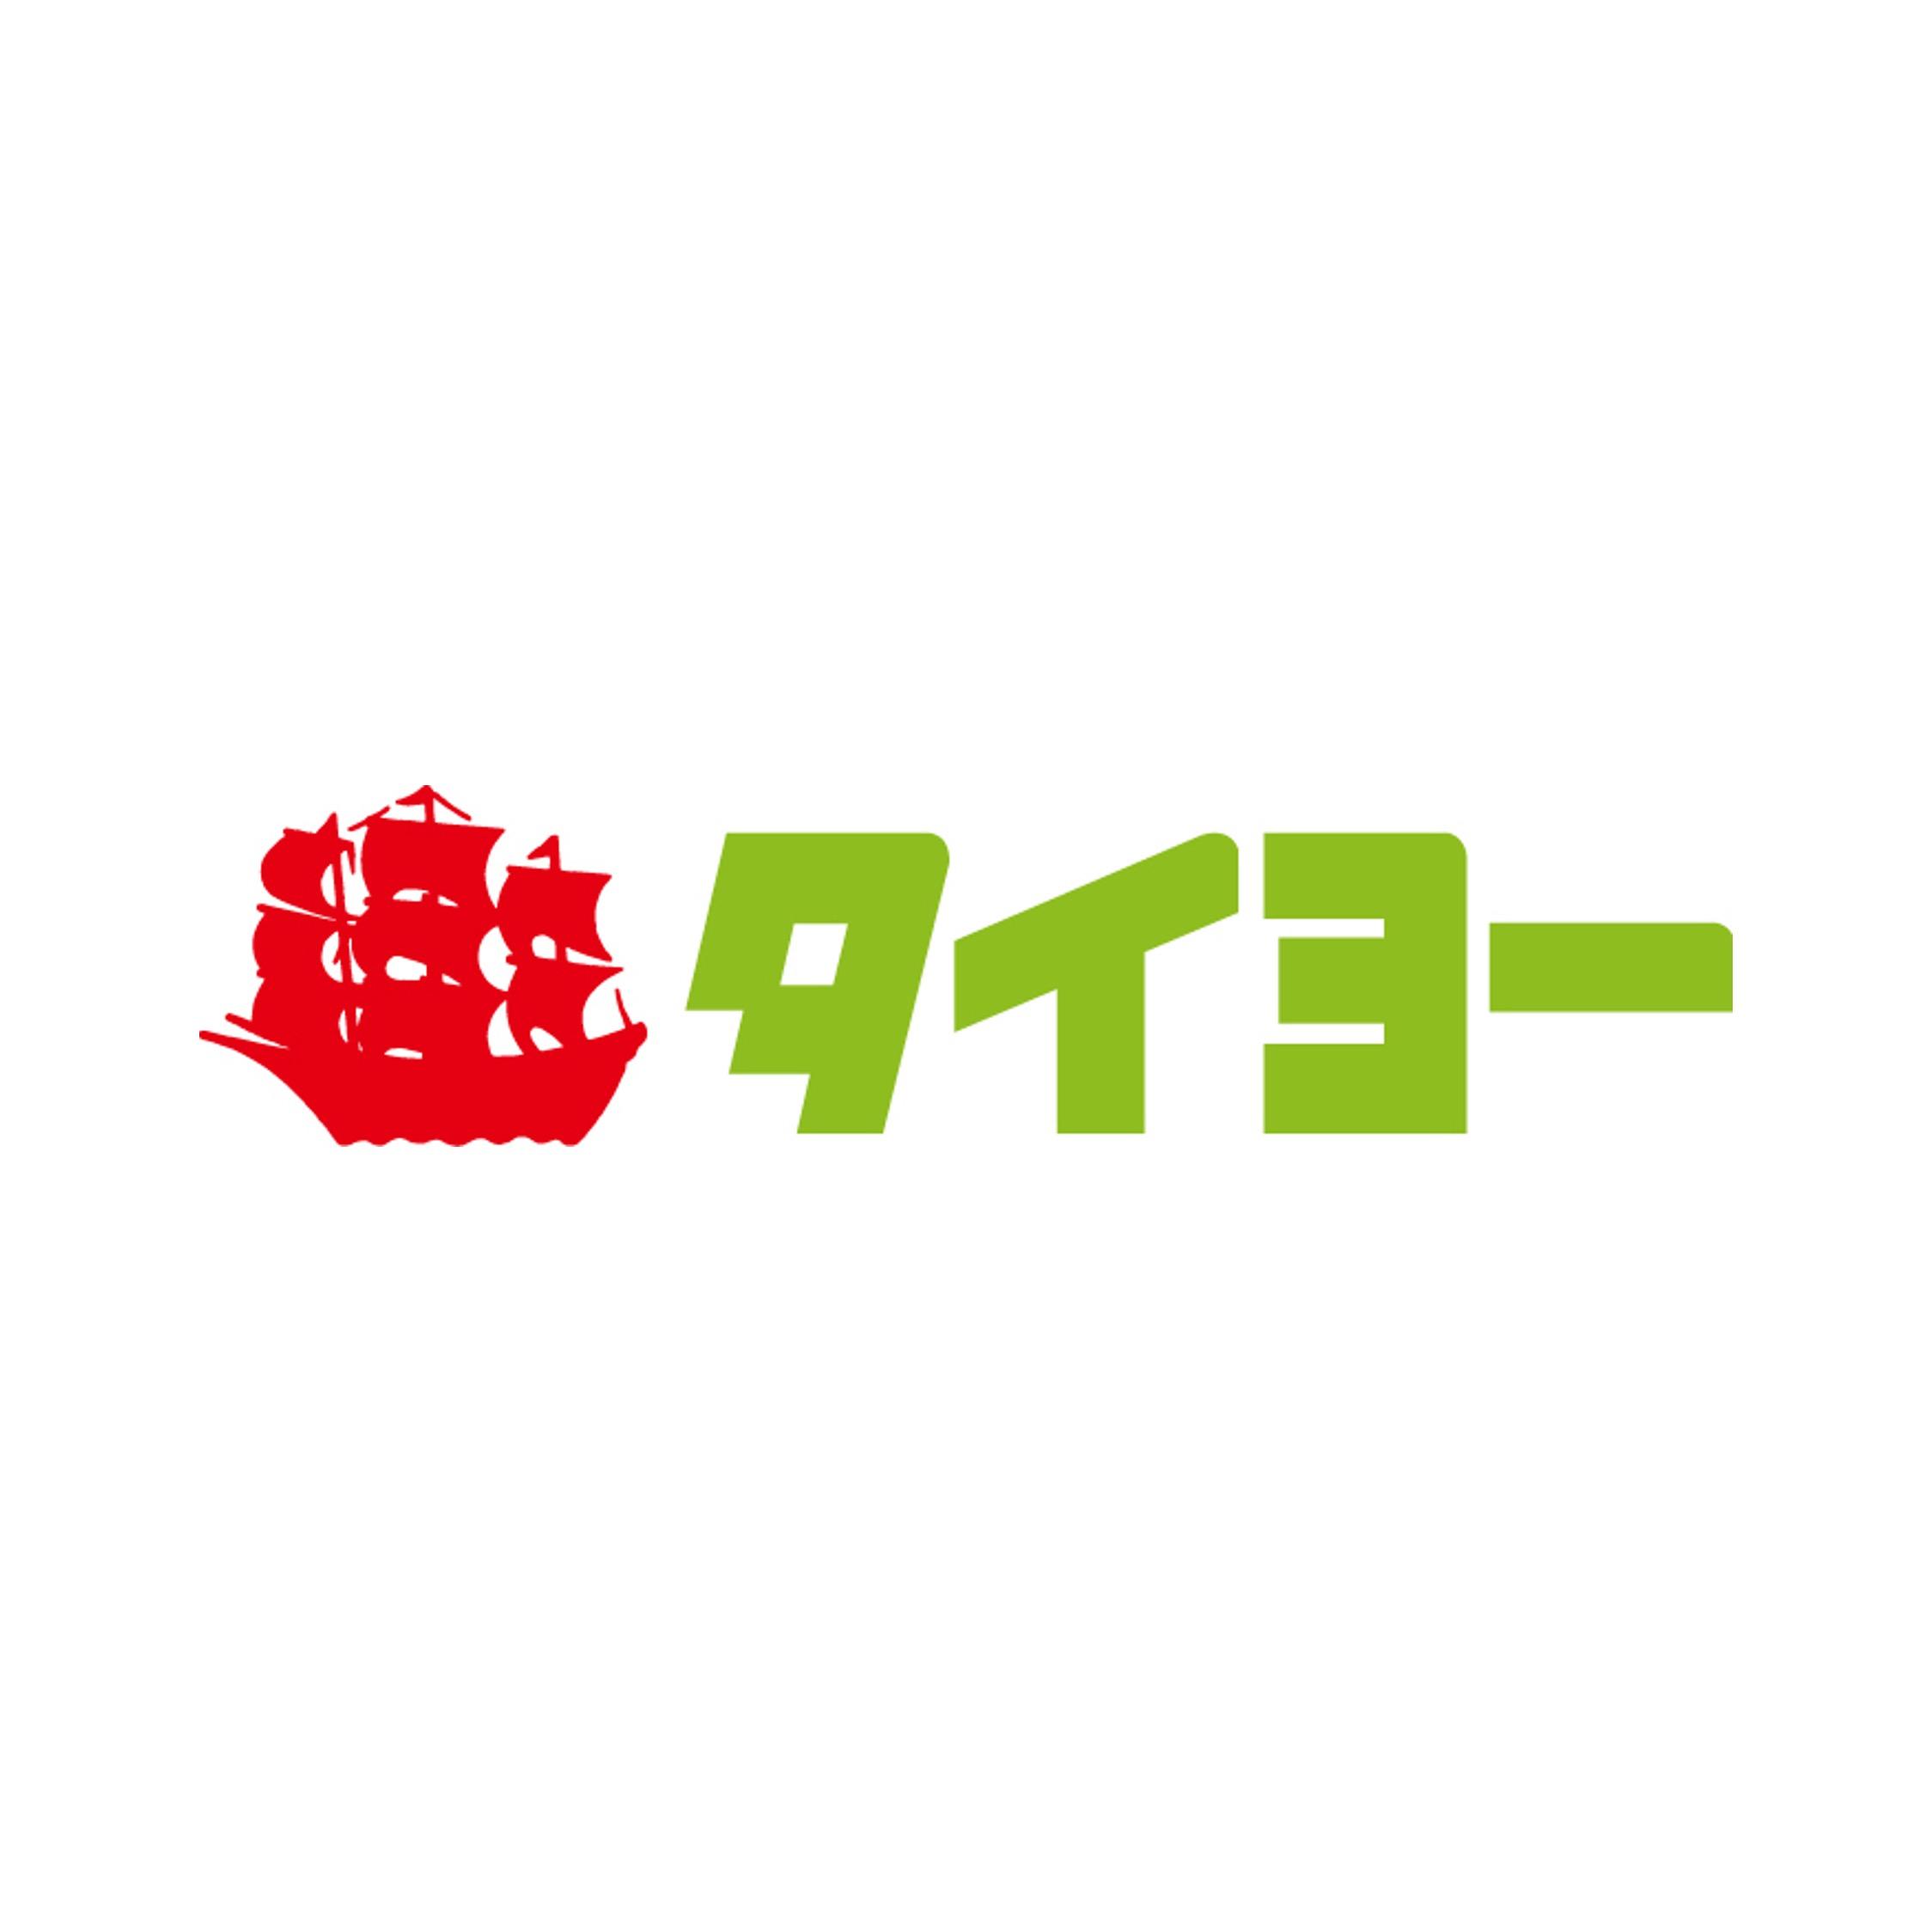 Logo taiyo